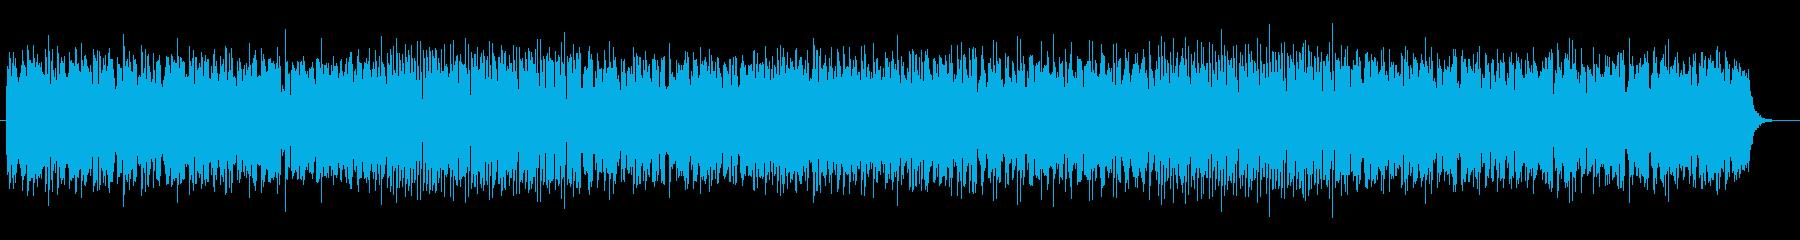 優しくトロンボーンが印象的なテクノの再生済みの波形